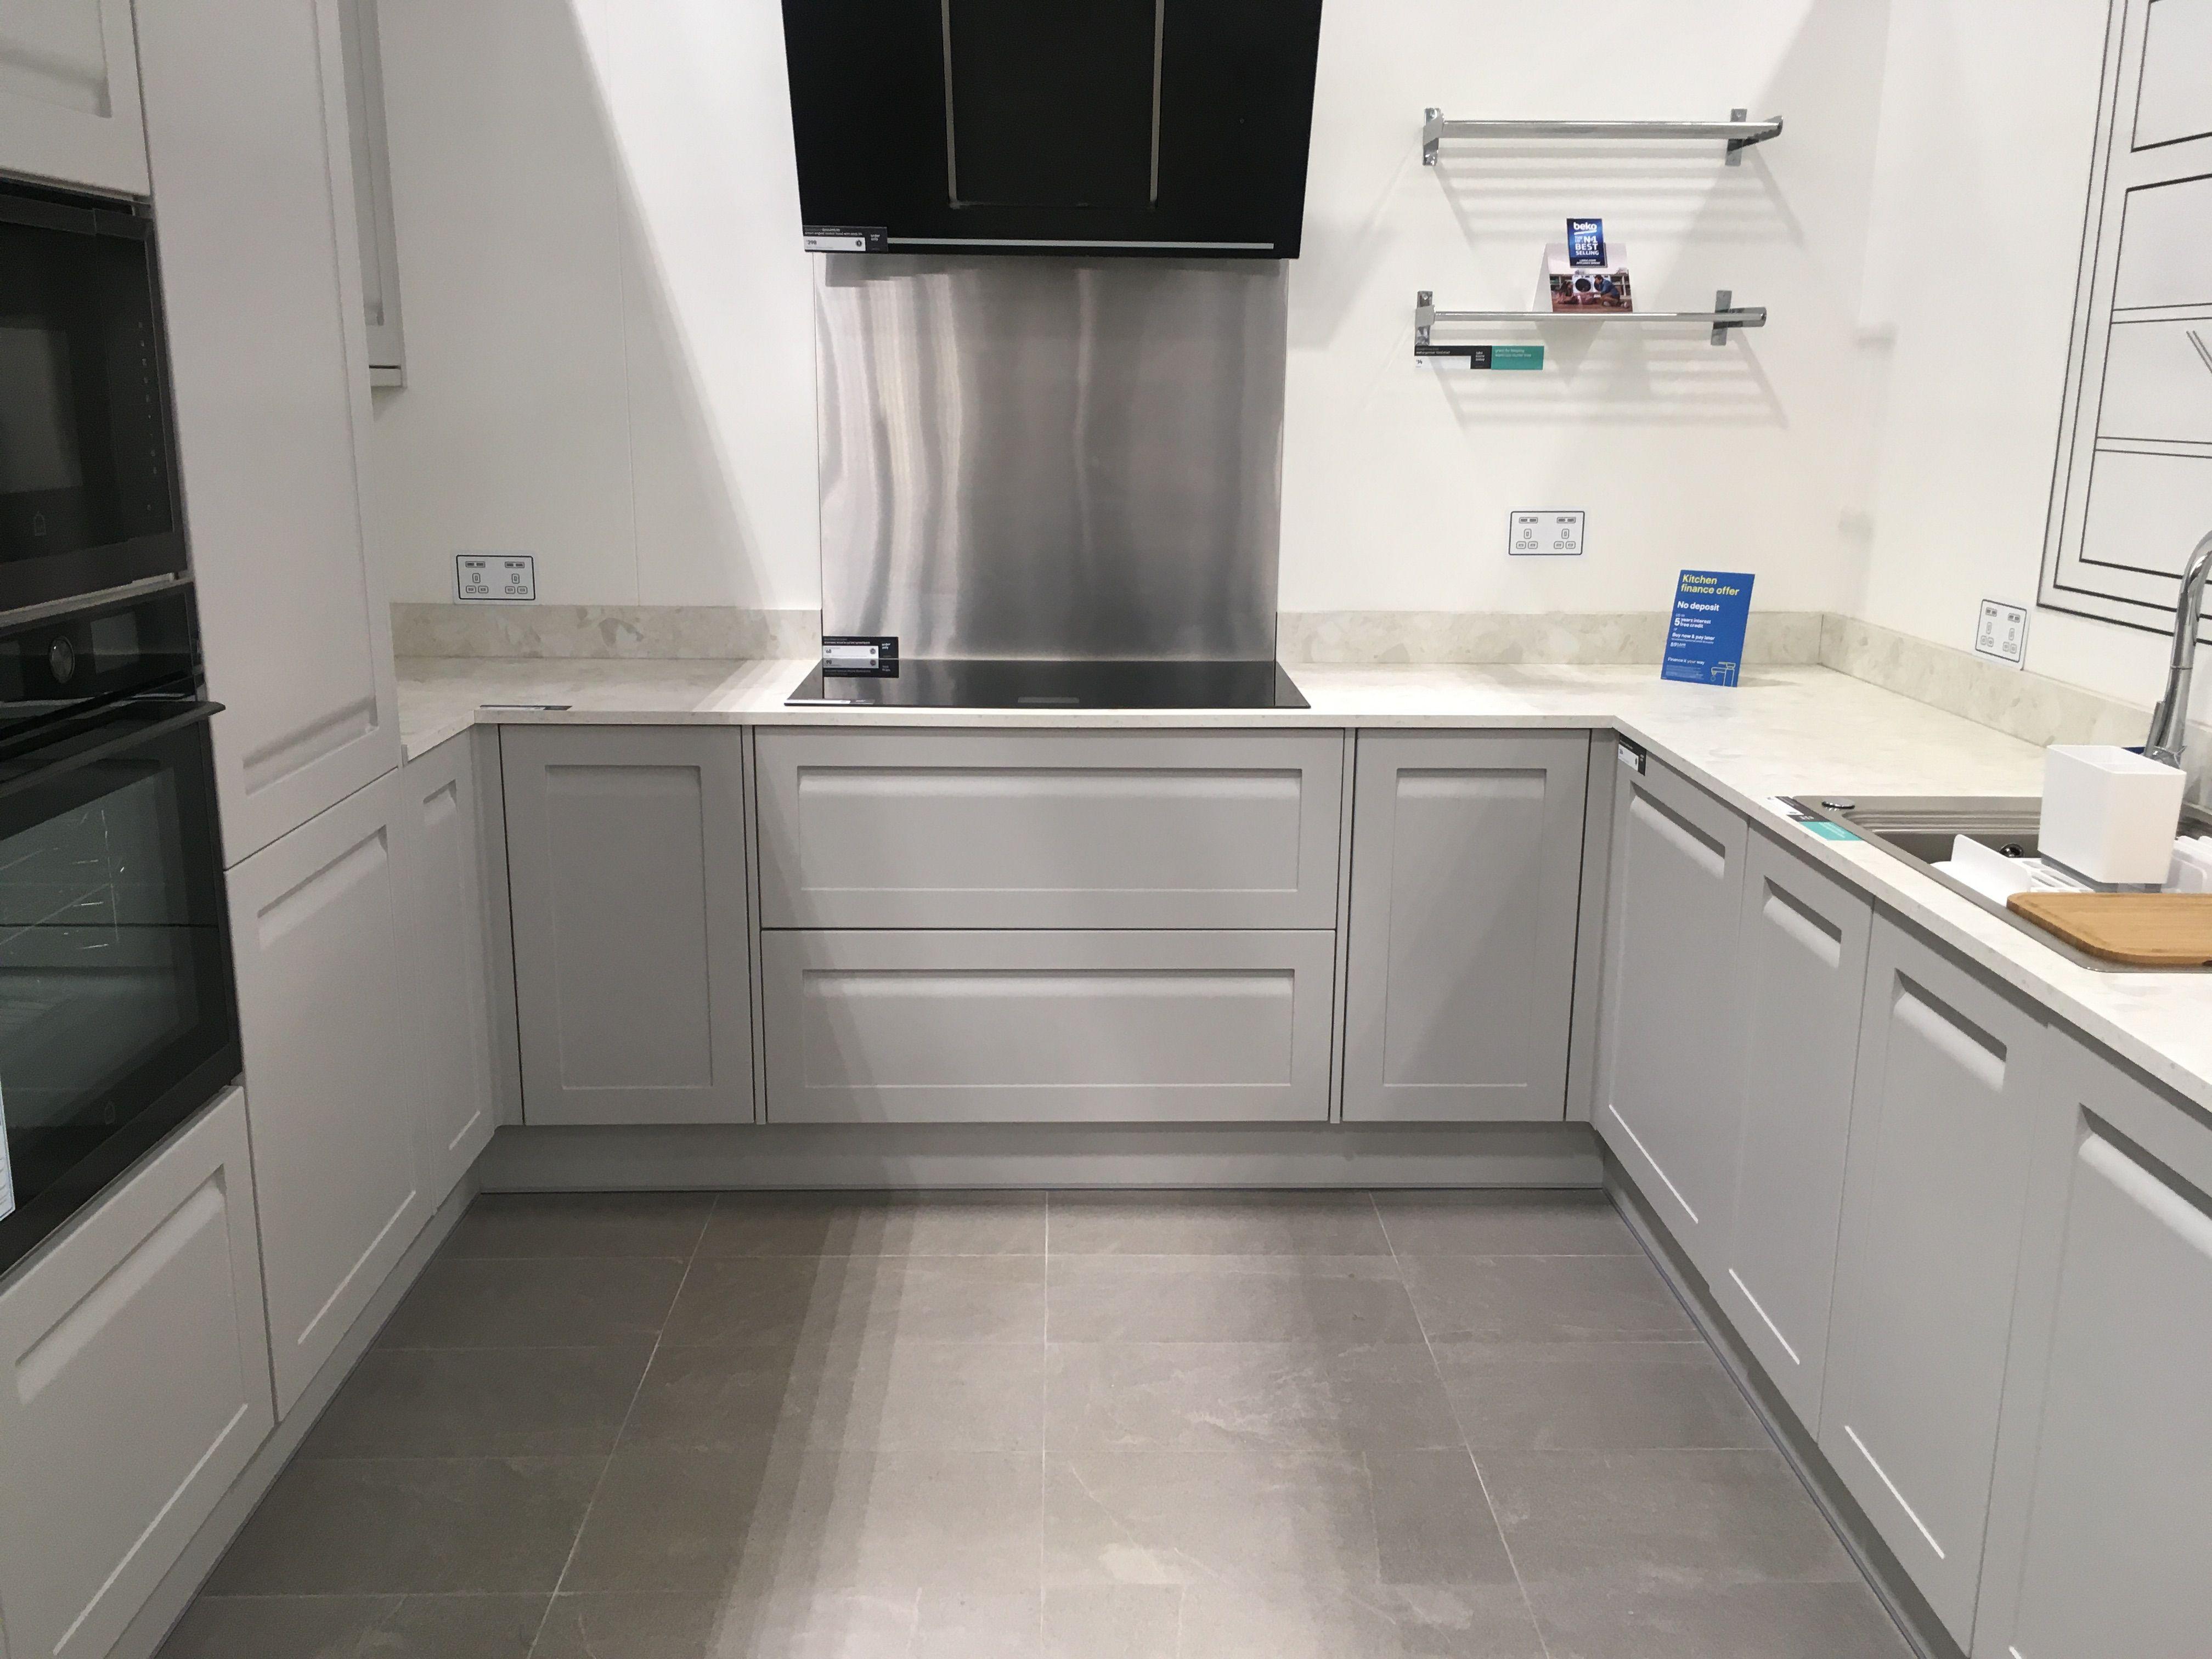 B&Q New Kitchens in 2020 Kitchen, New kitchen, Home